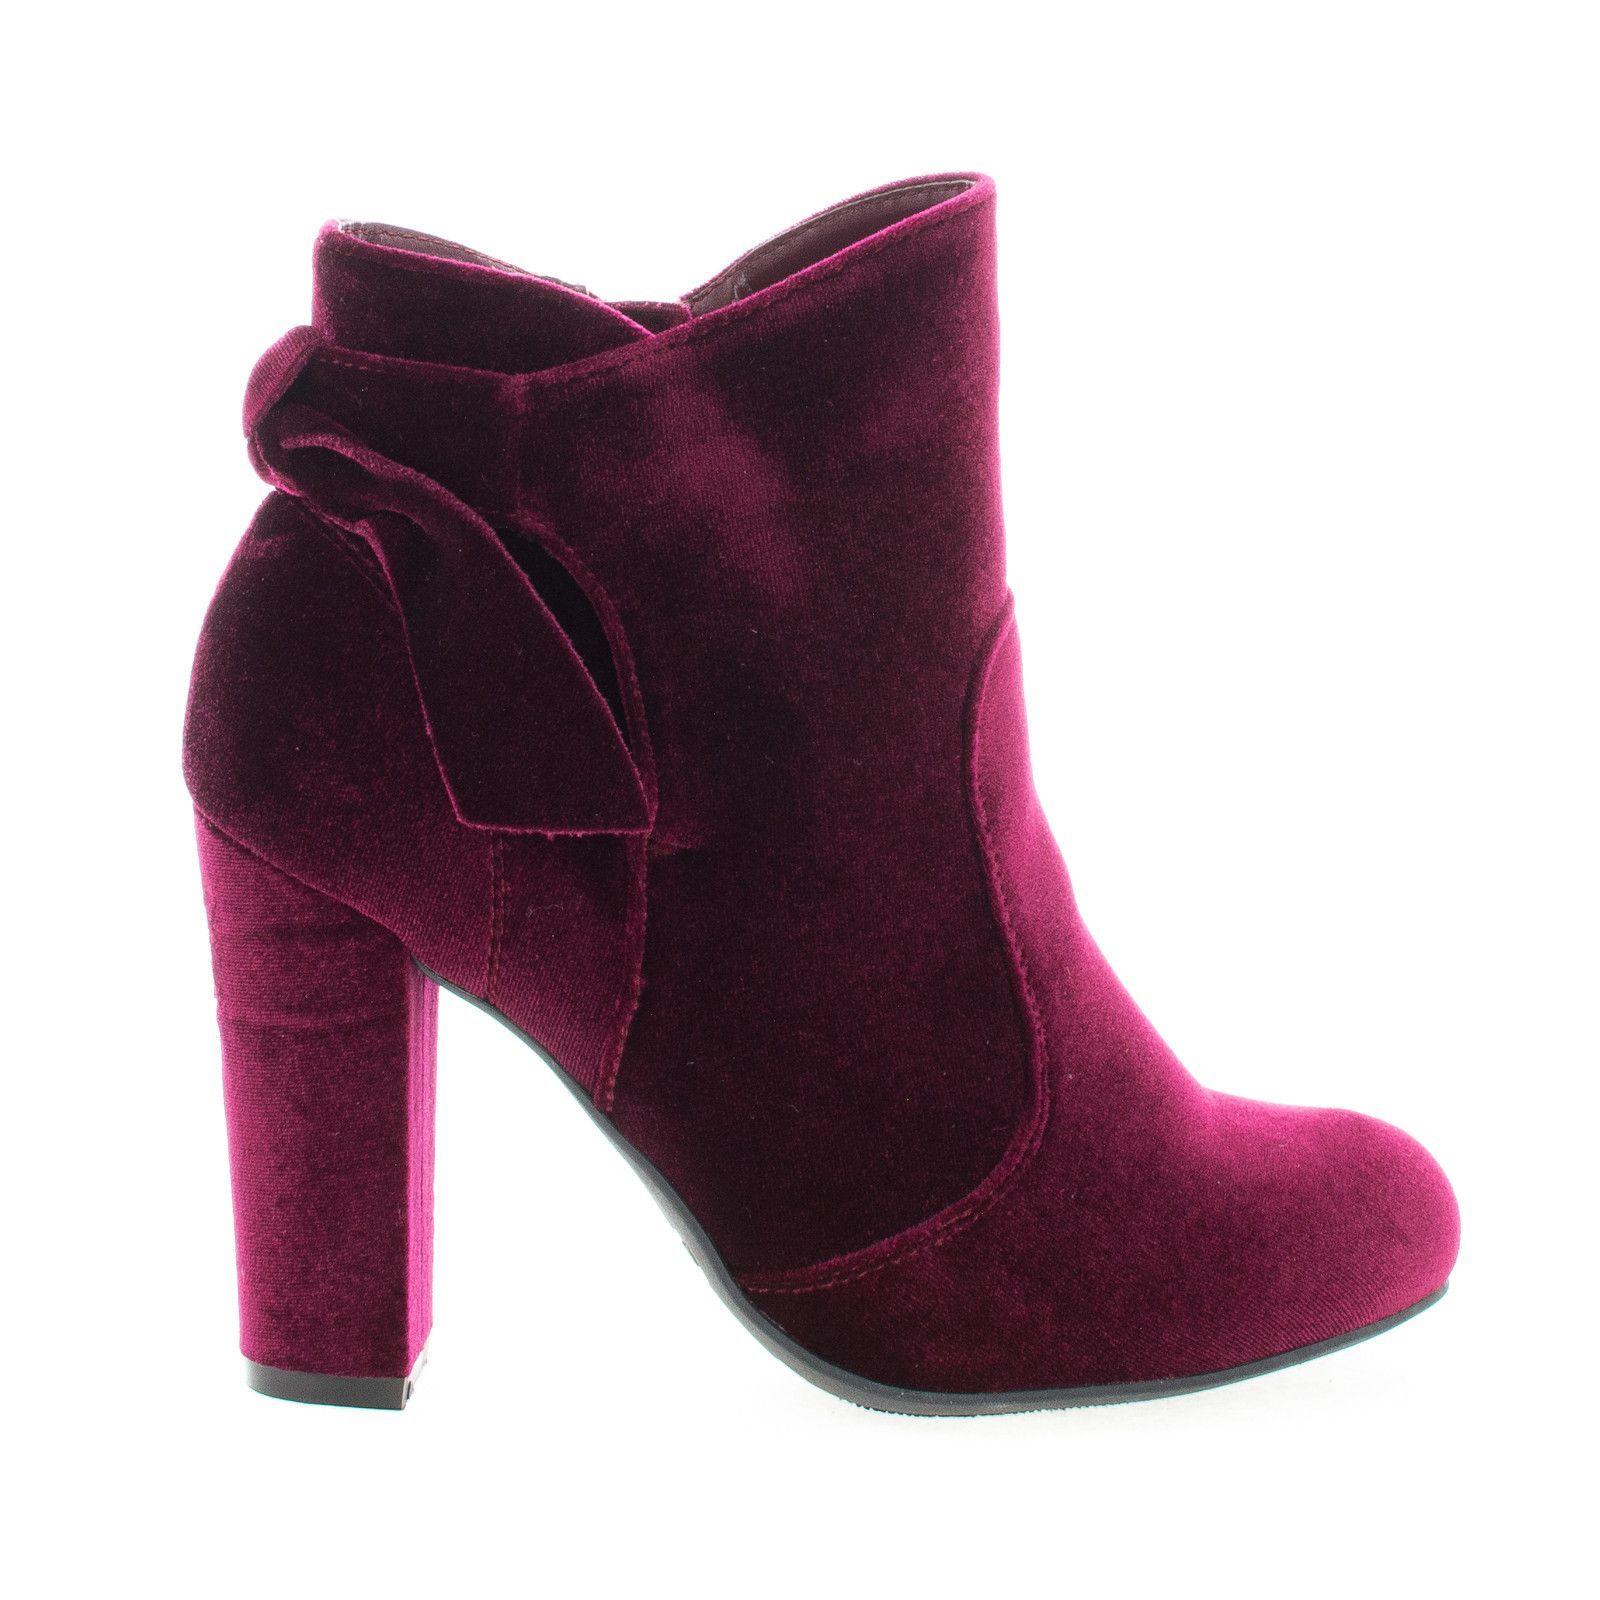 Velvet Block Heel Ankle Booties W Bow